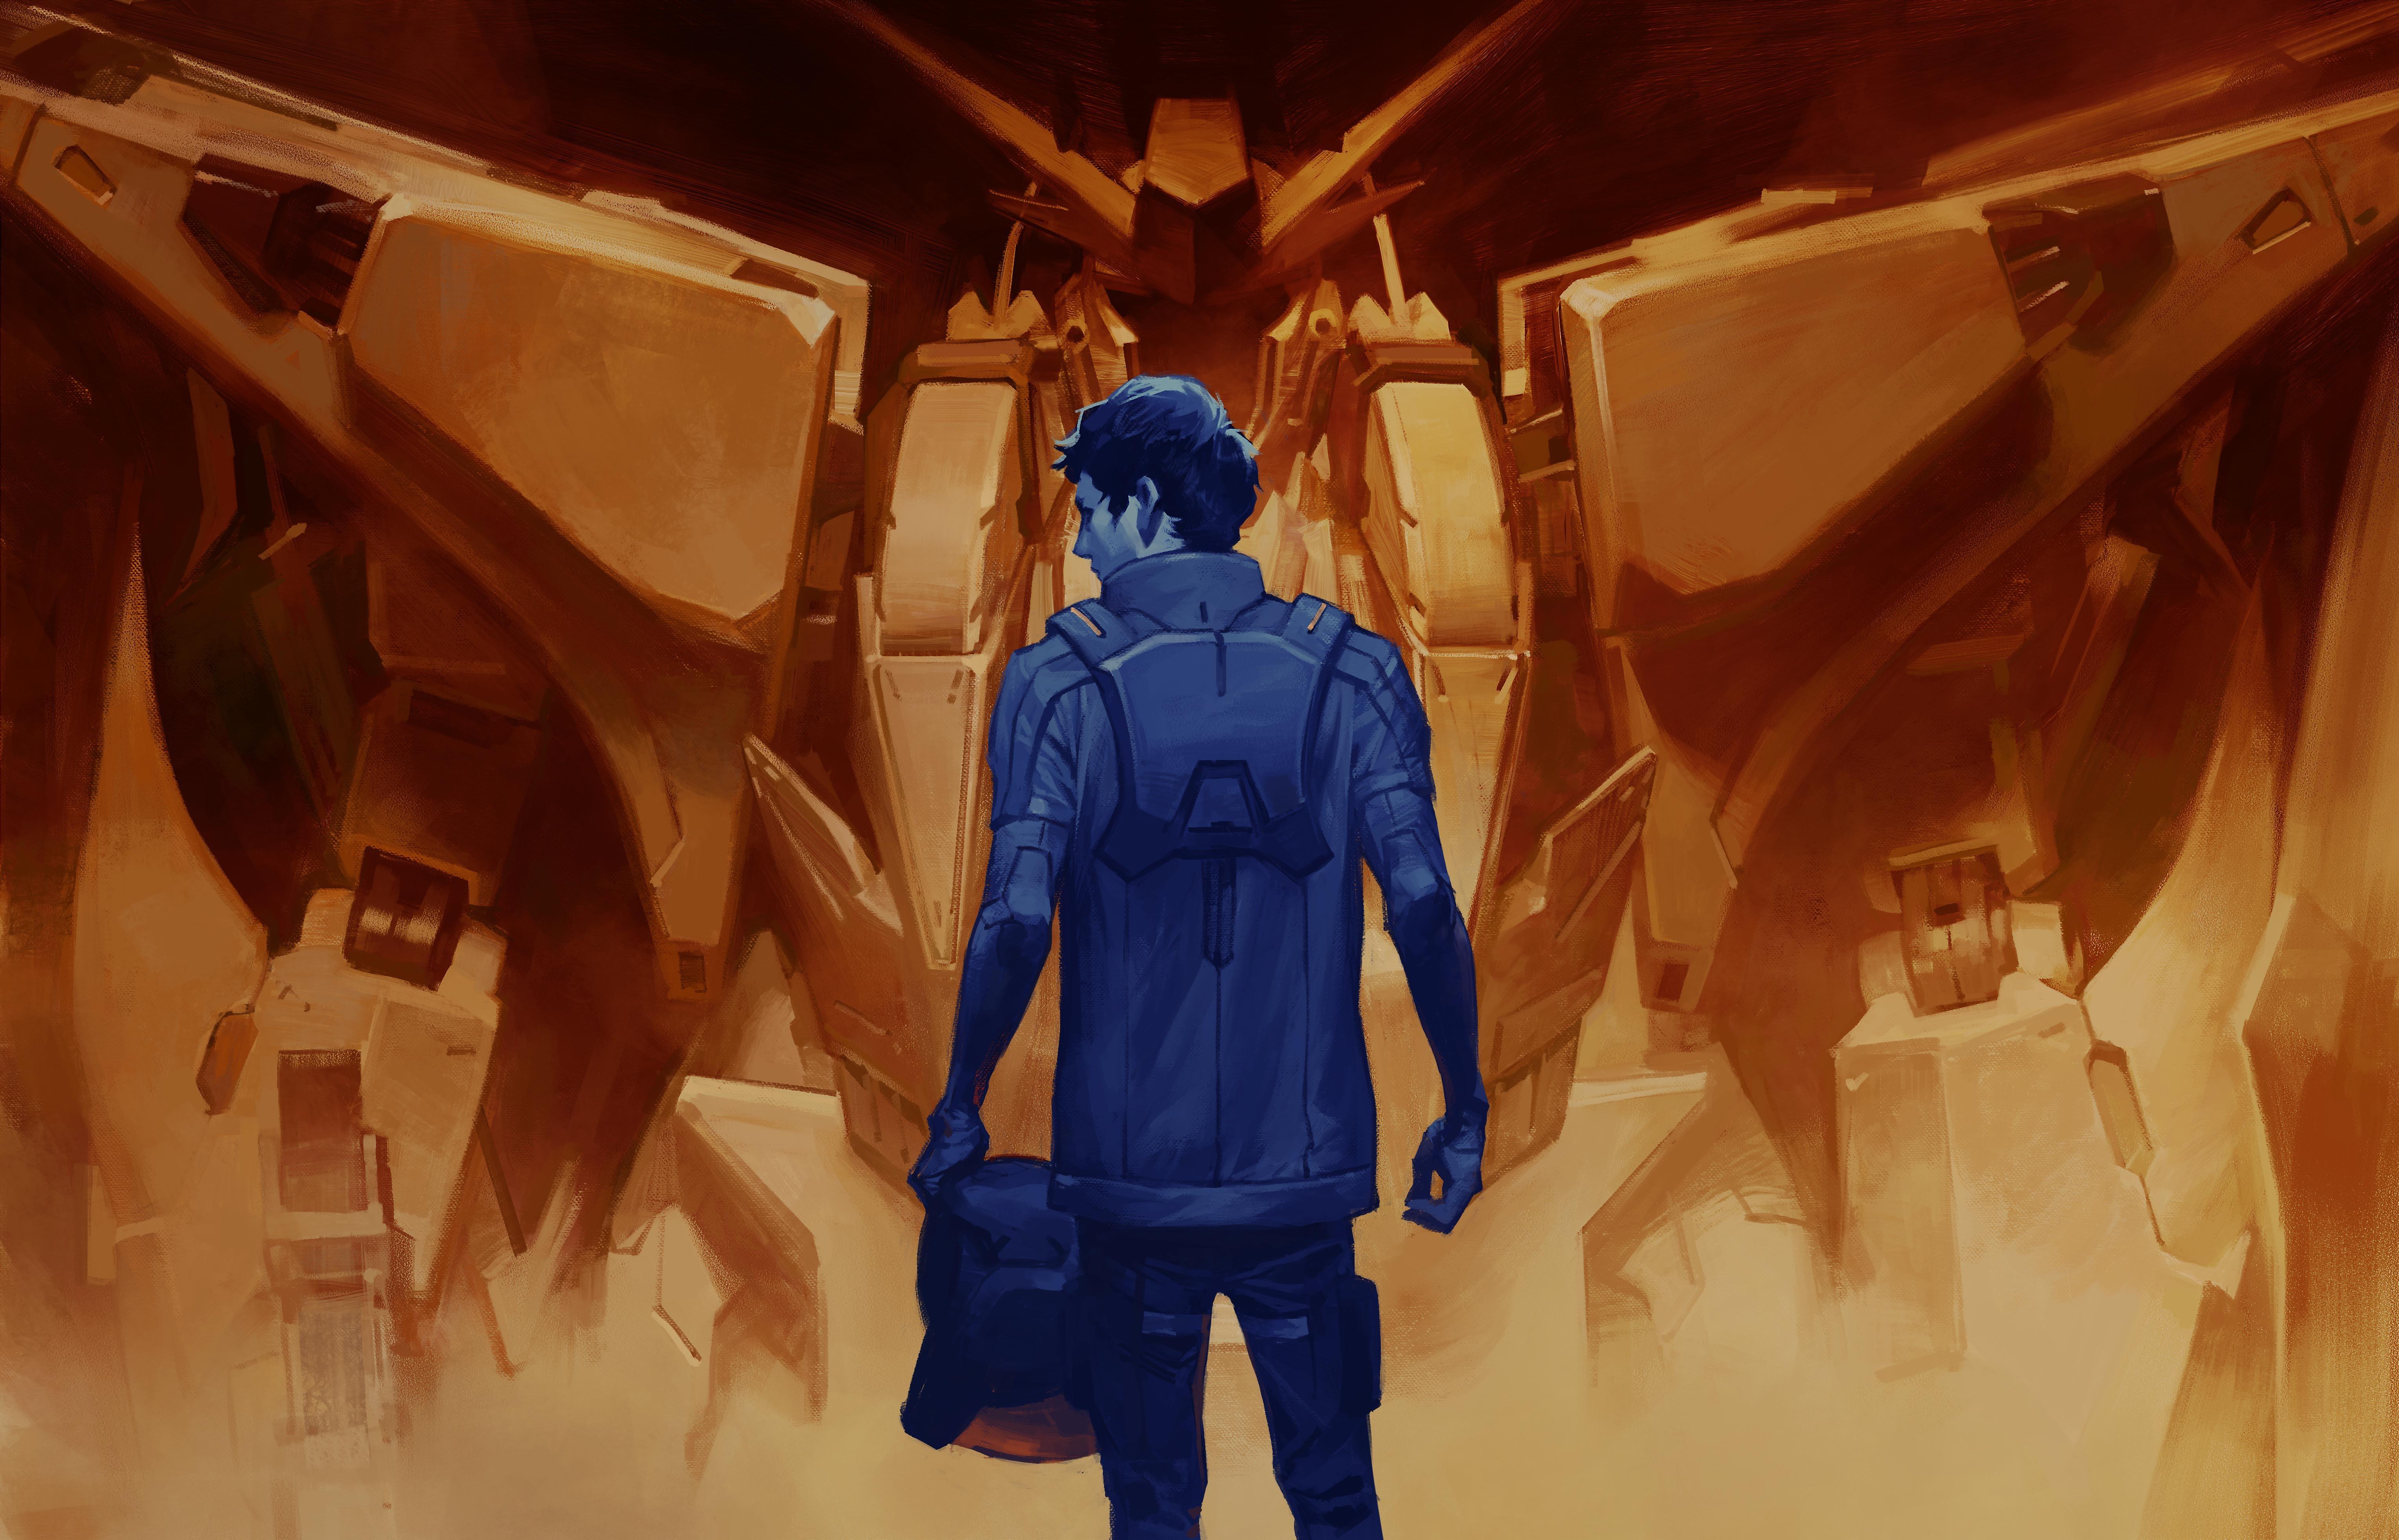 『機動戦士ガンダム 閃光のハサウェイ』ティザービジュアル  (c)創通・サンライズ